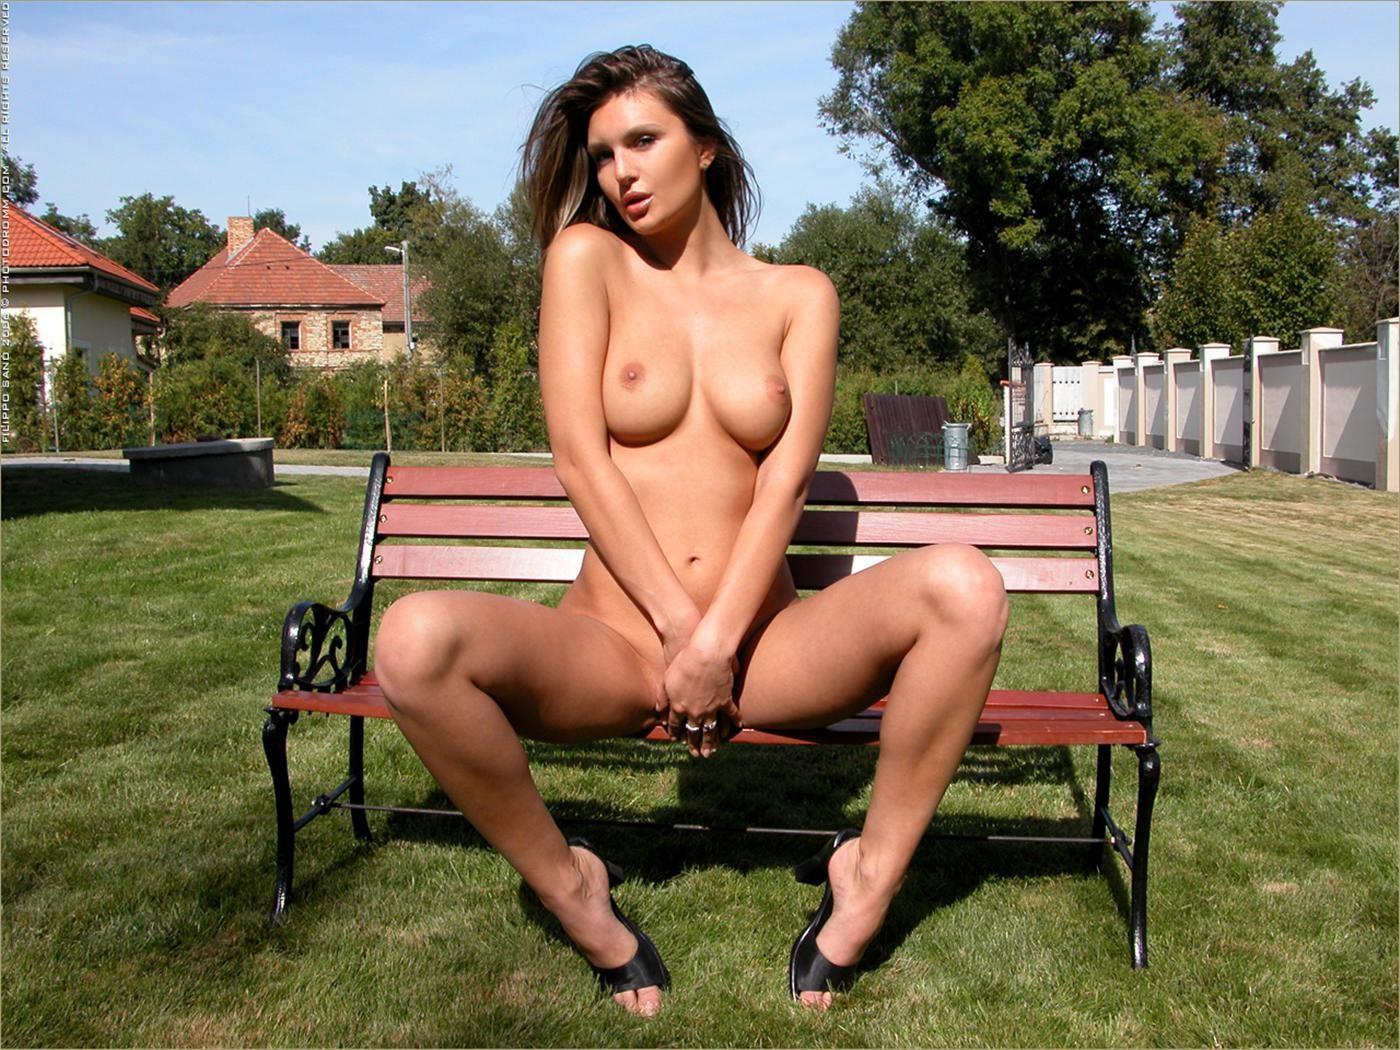 Элиска показывает пизду сидя на лавочке